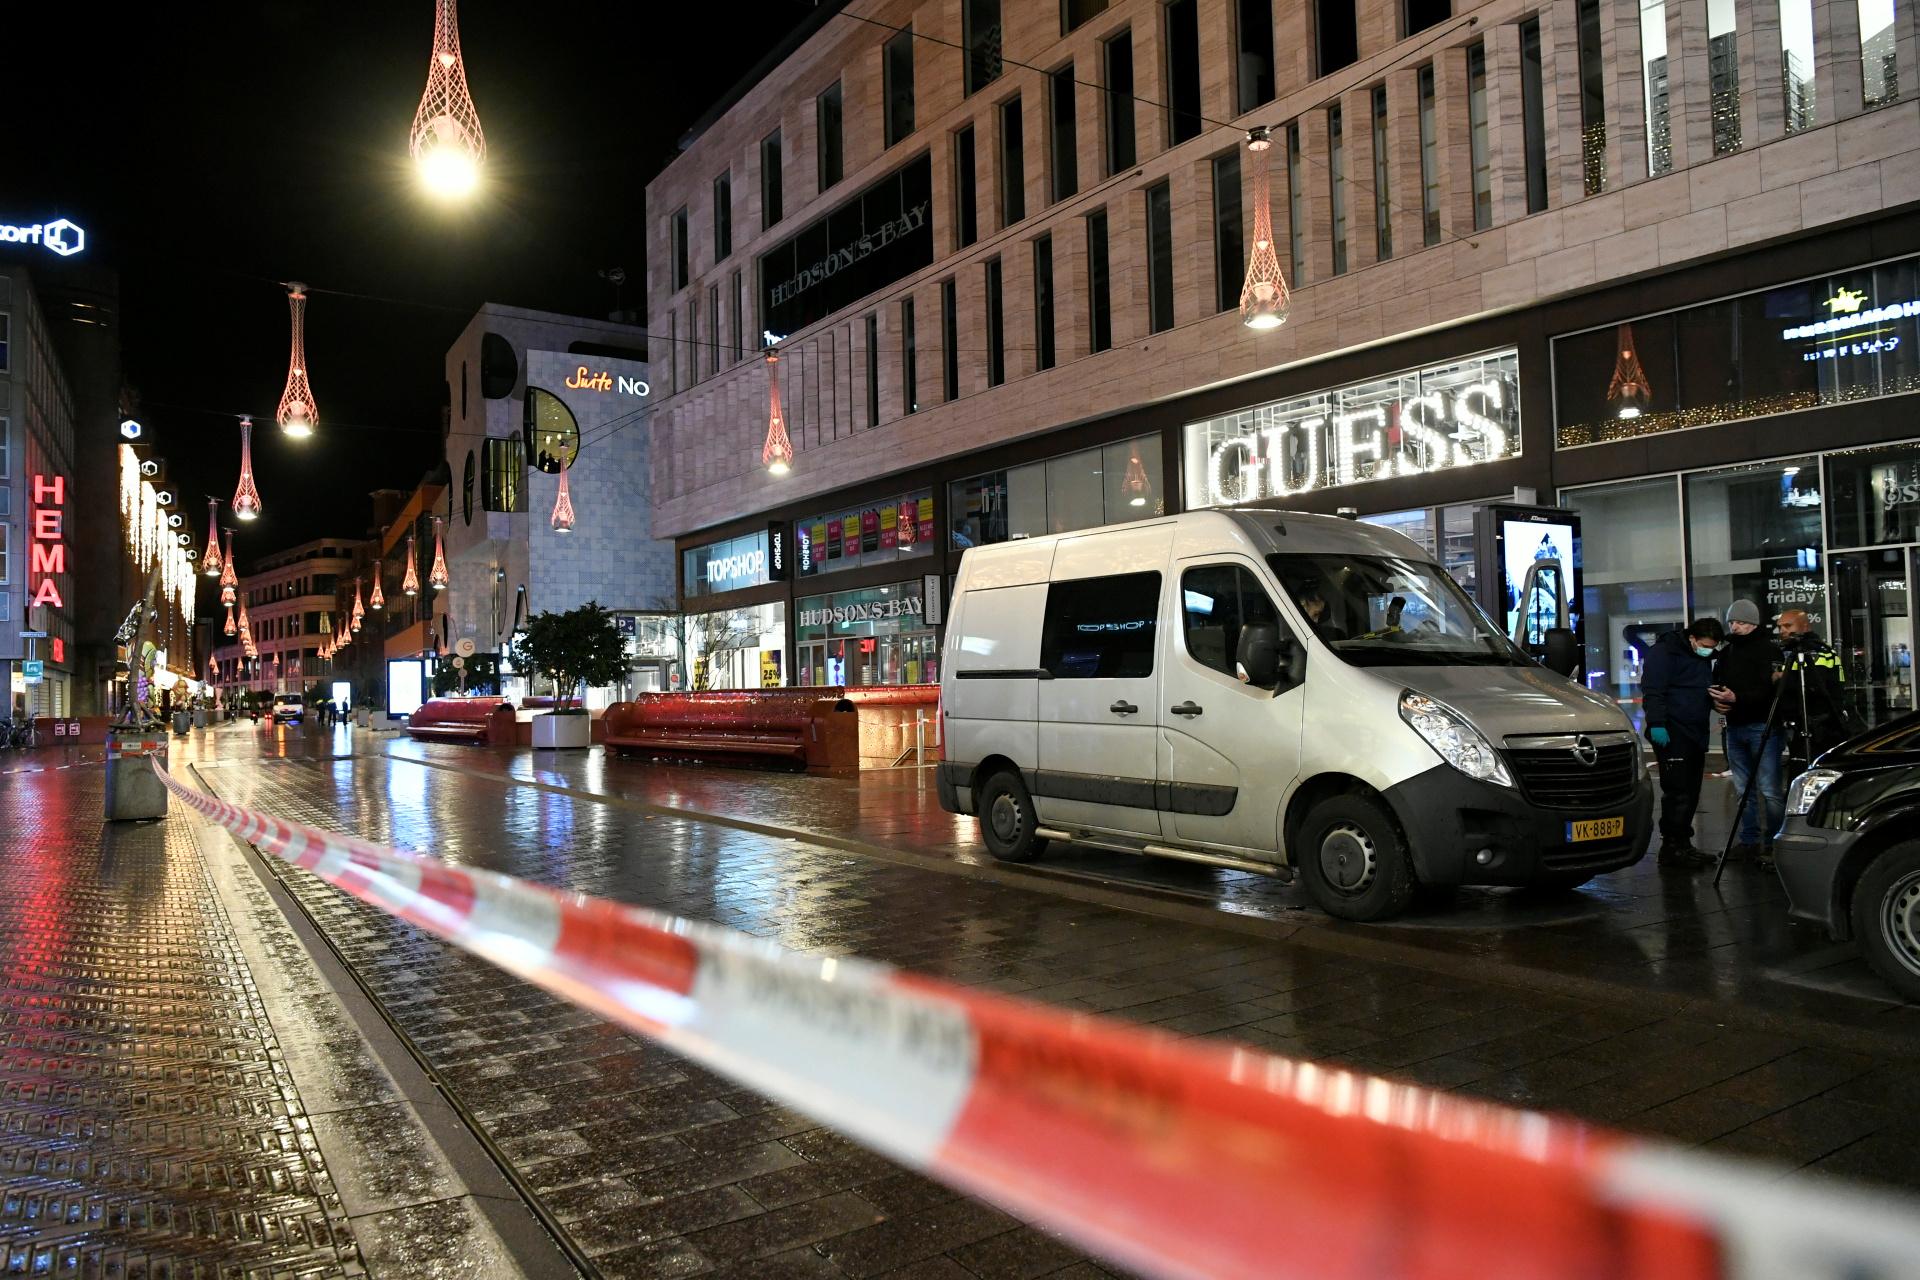 Χάγη: Συνελήφθη 35χρονος για την επίθεση με μαχαίρι εναντίον ανηλίκων